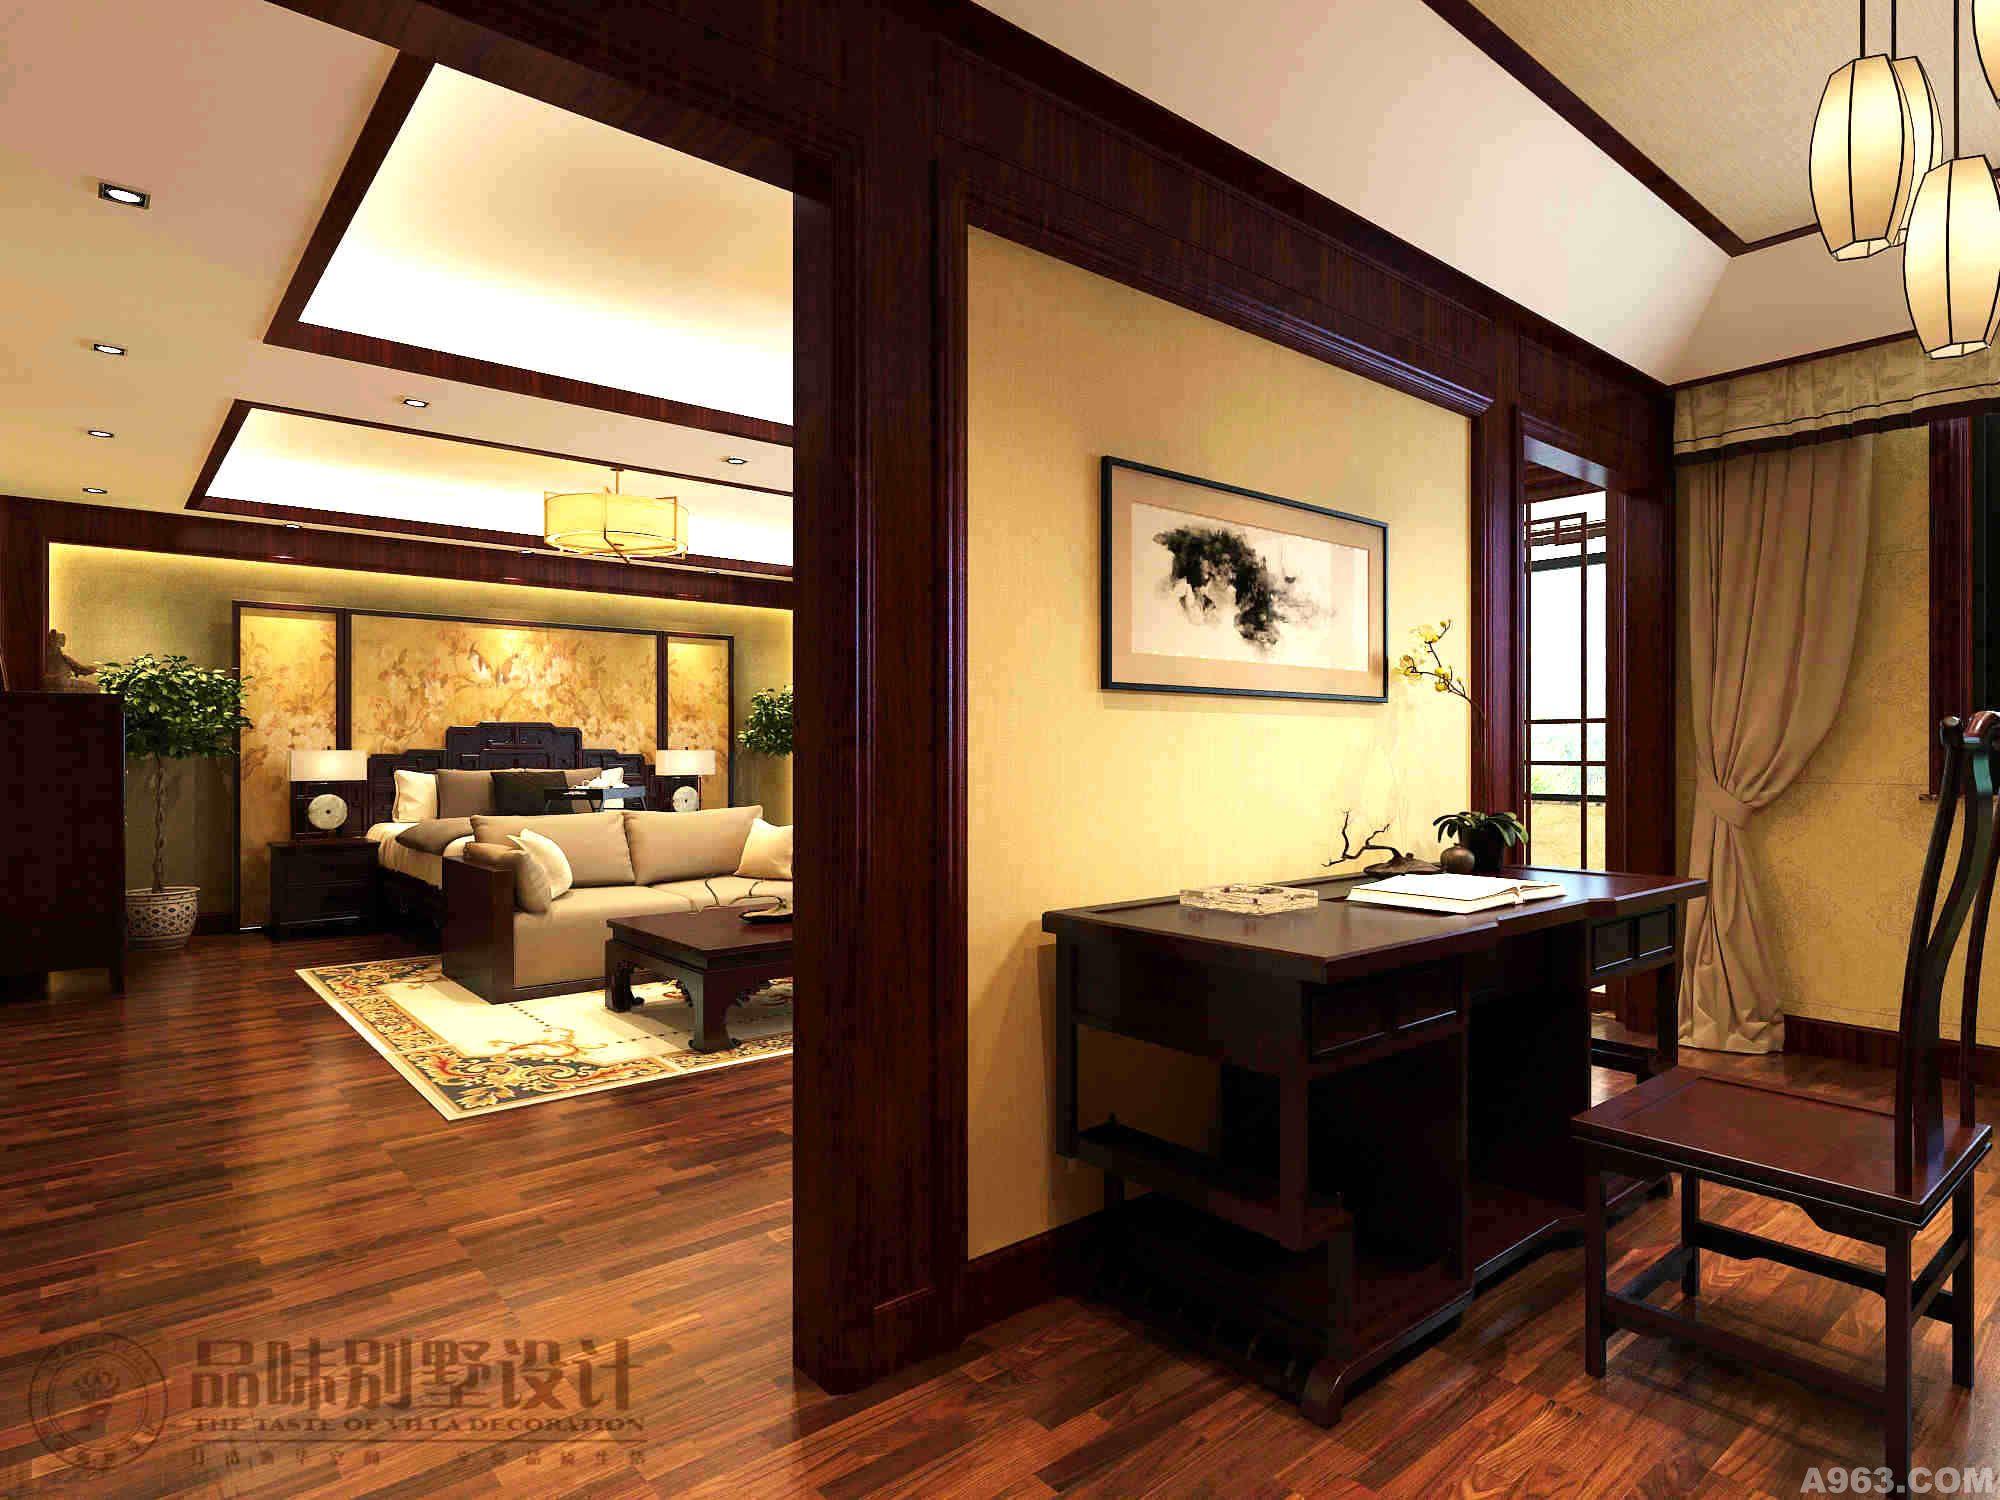 艺术品和红木家具与室内设计相